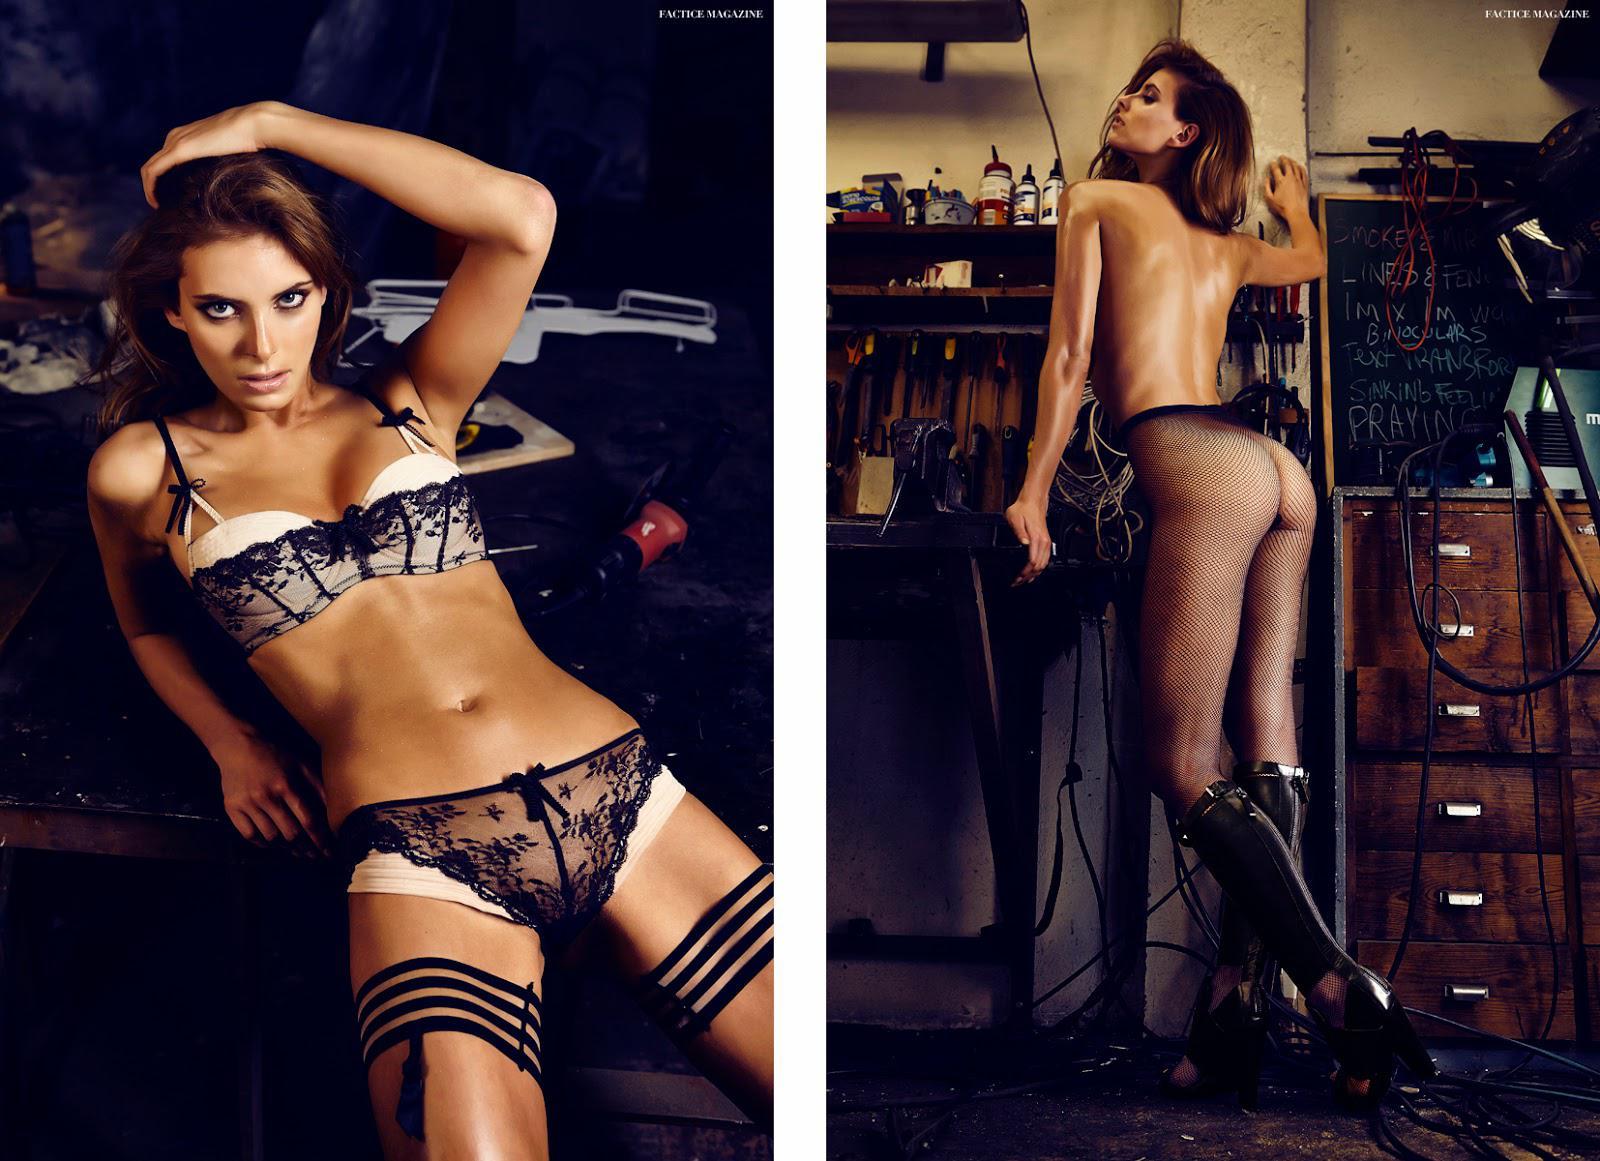 Joyce Verheyen Nude - 9 Photos new pictures